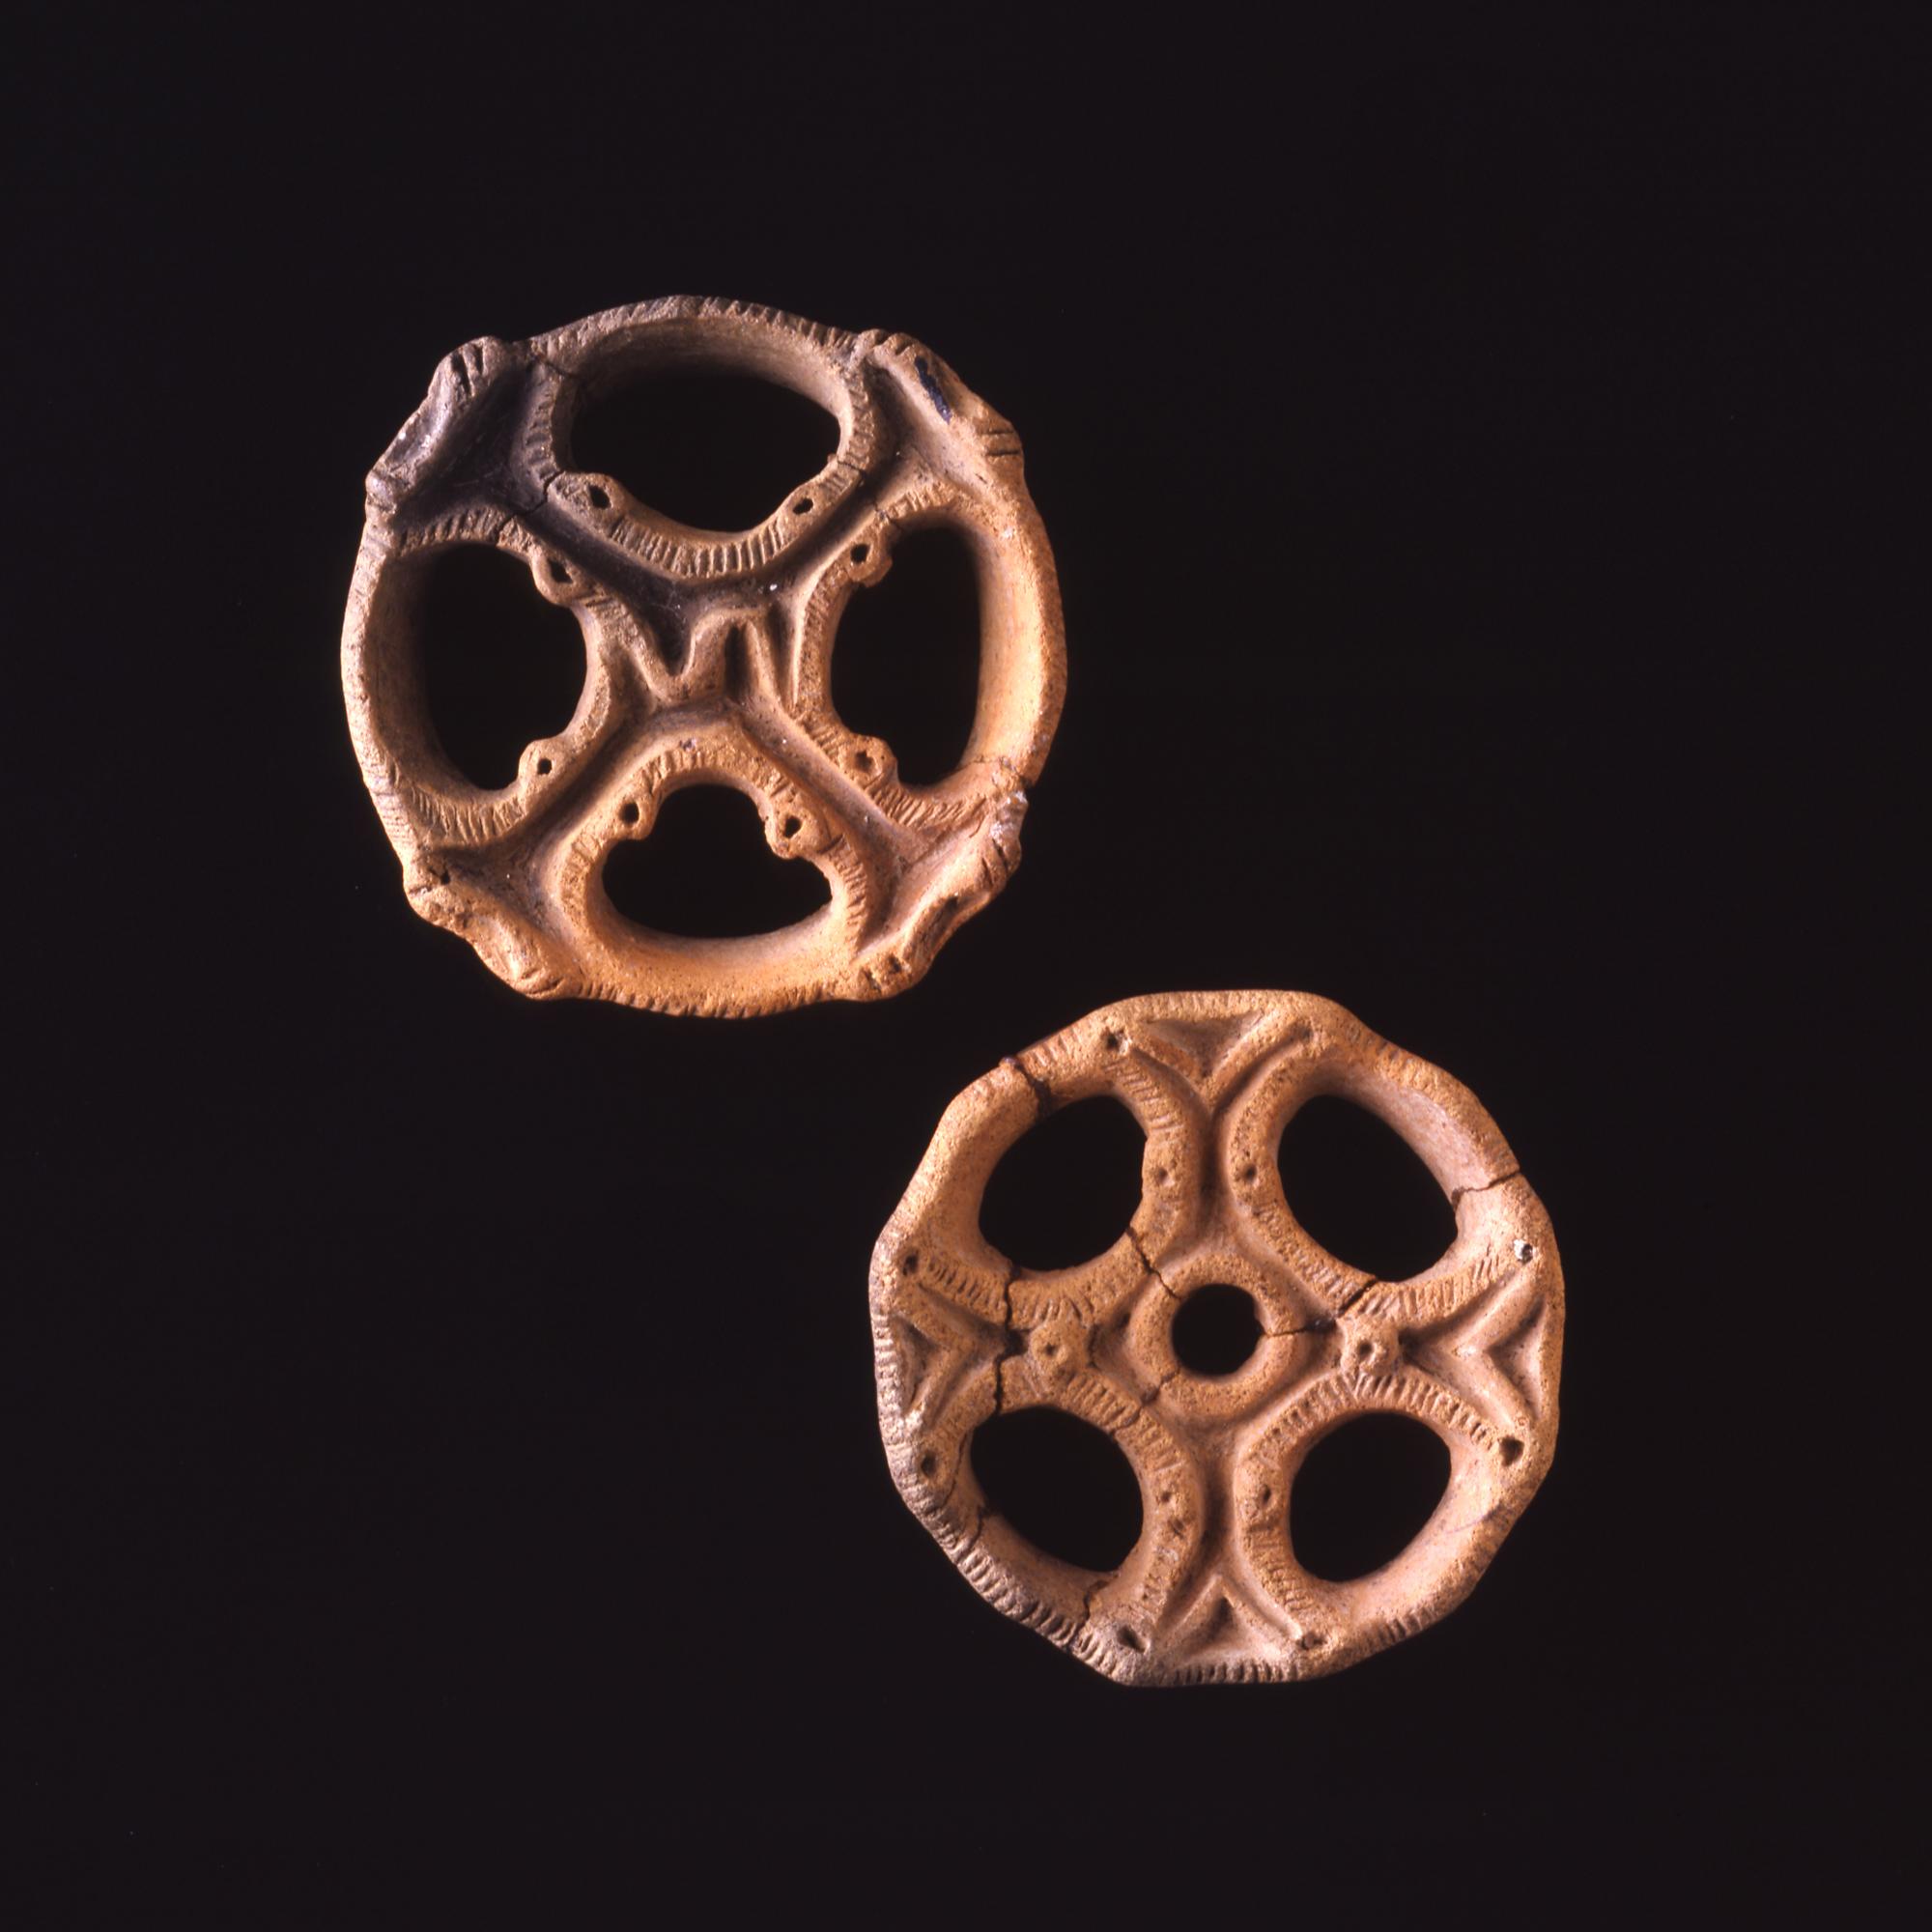 耳飾り | 參考館セレクション